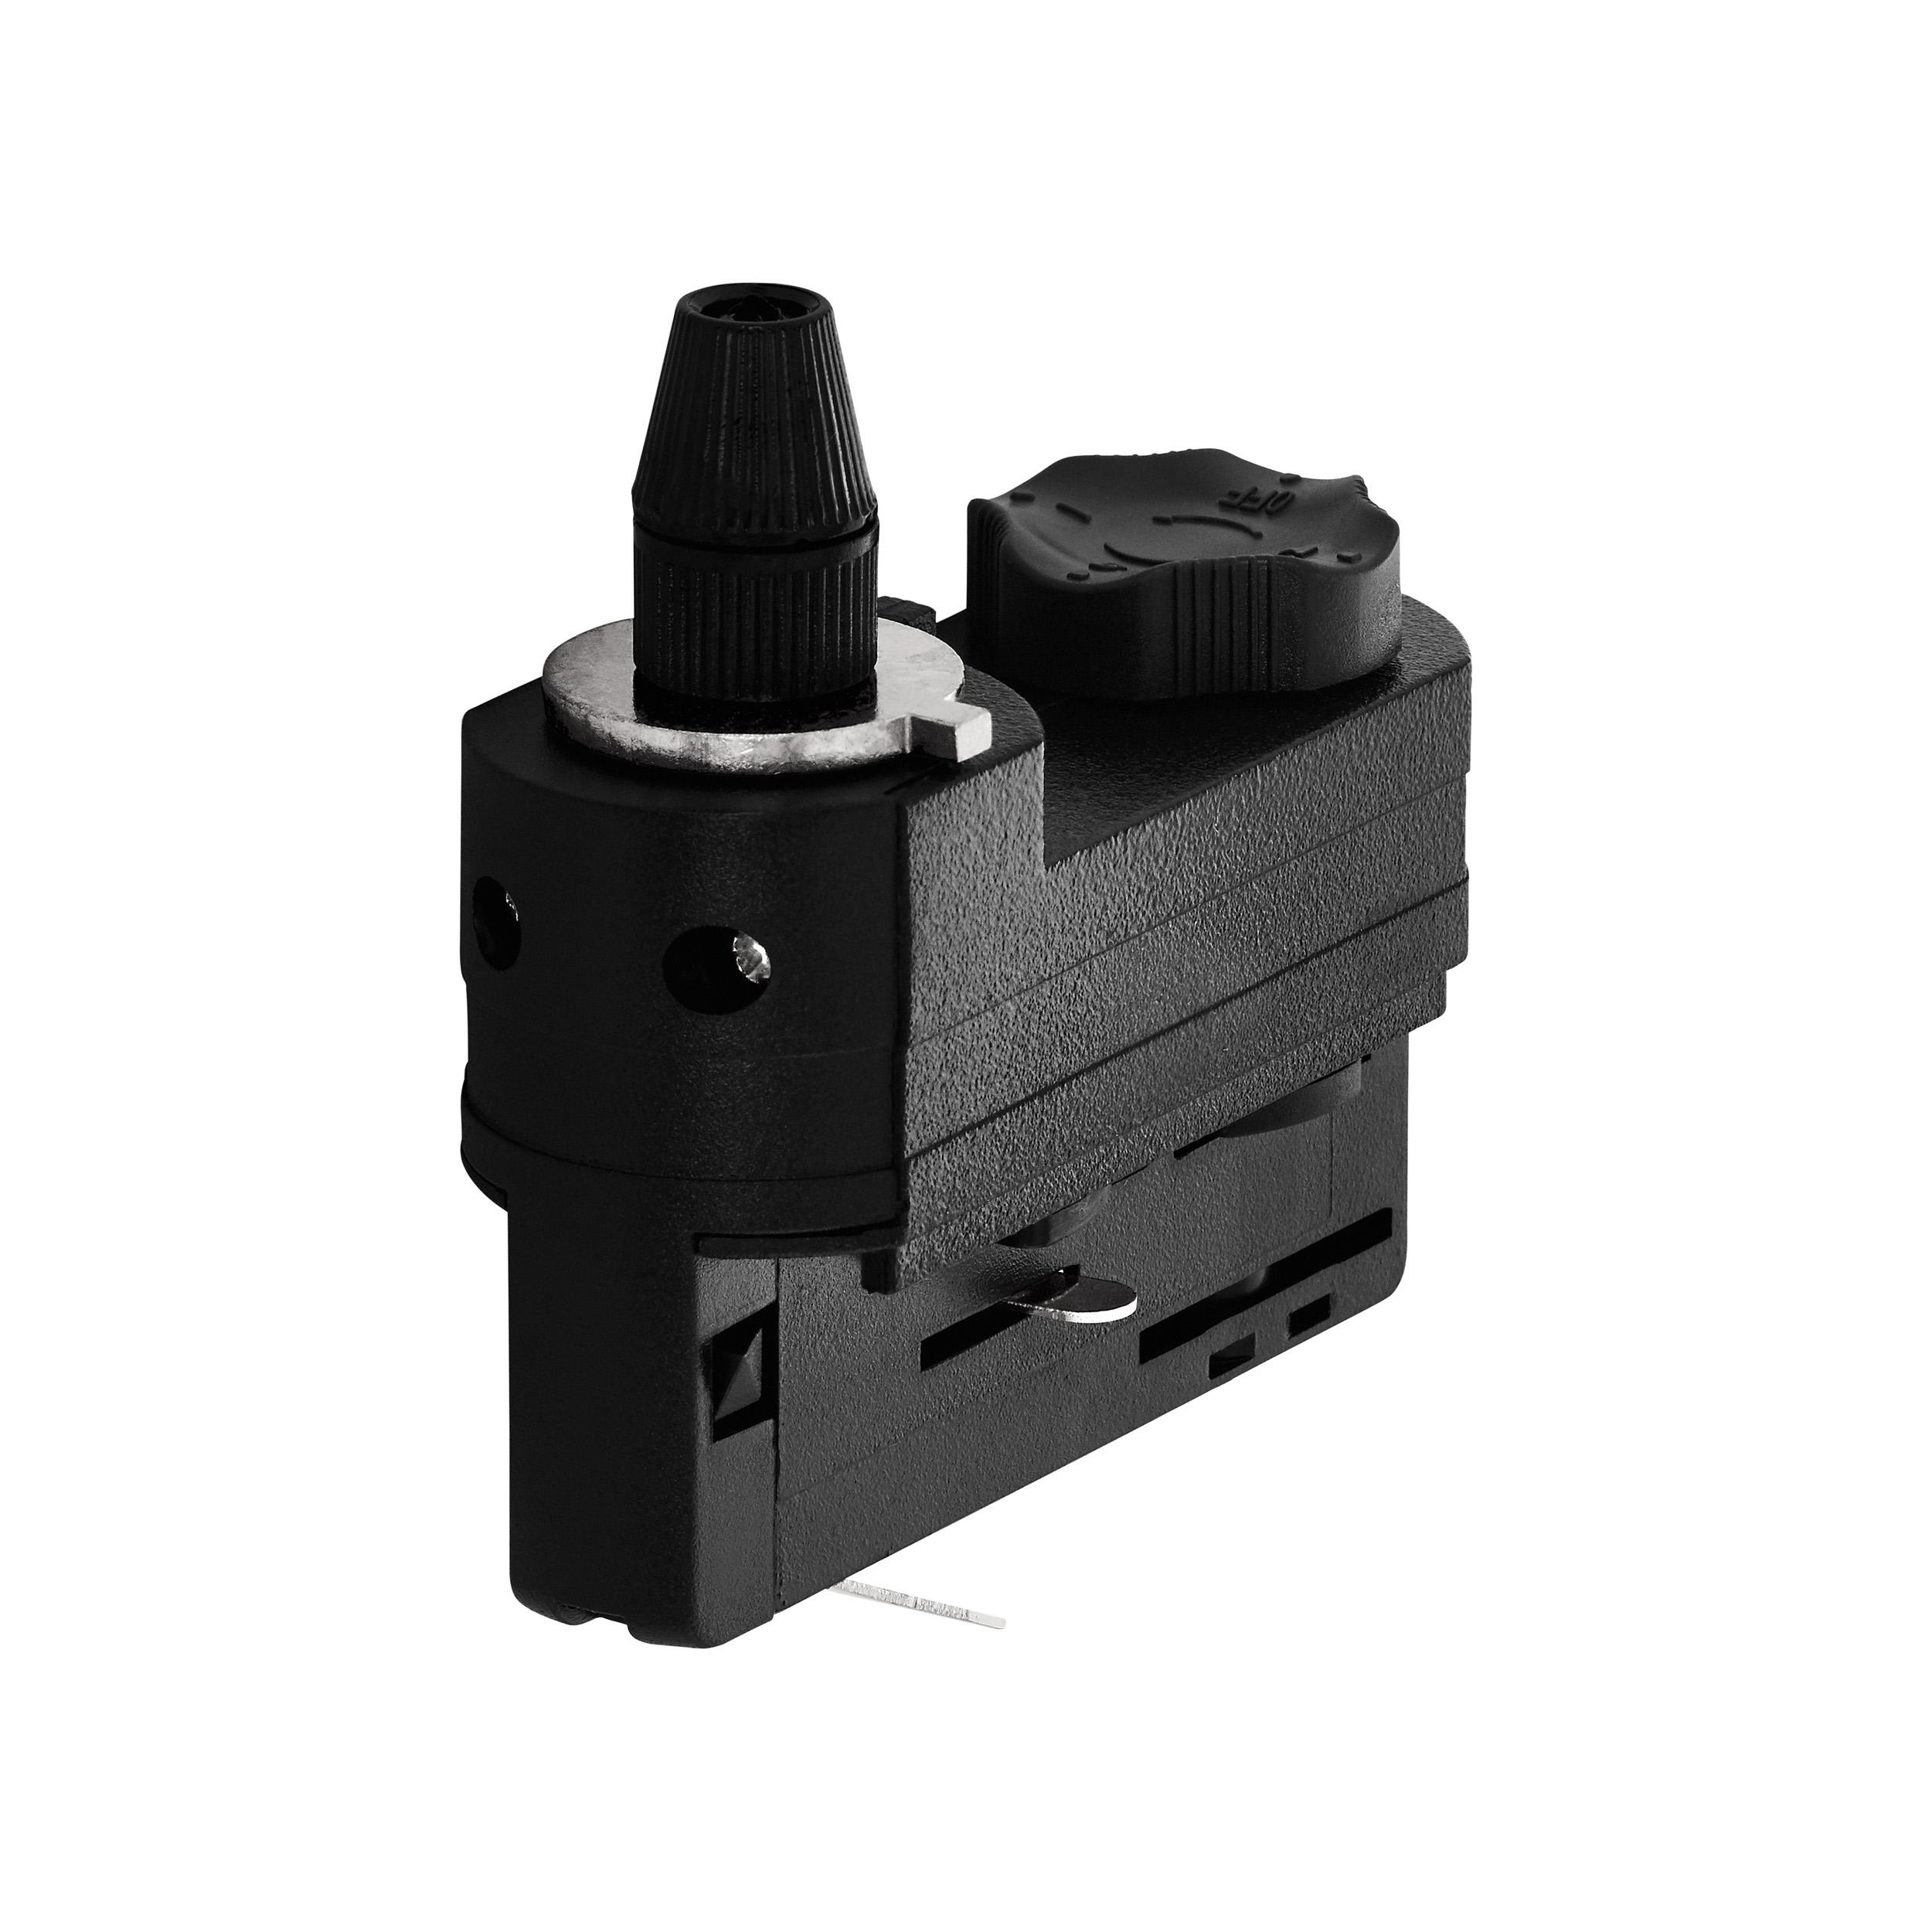 1 Stk 3-Phasen Adapter mit Zugentlastung schwarz Kunststoff LI60614---